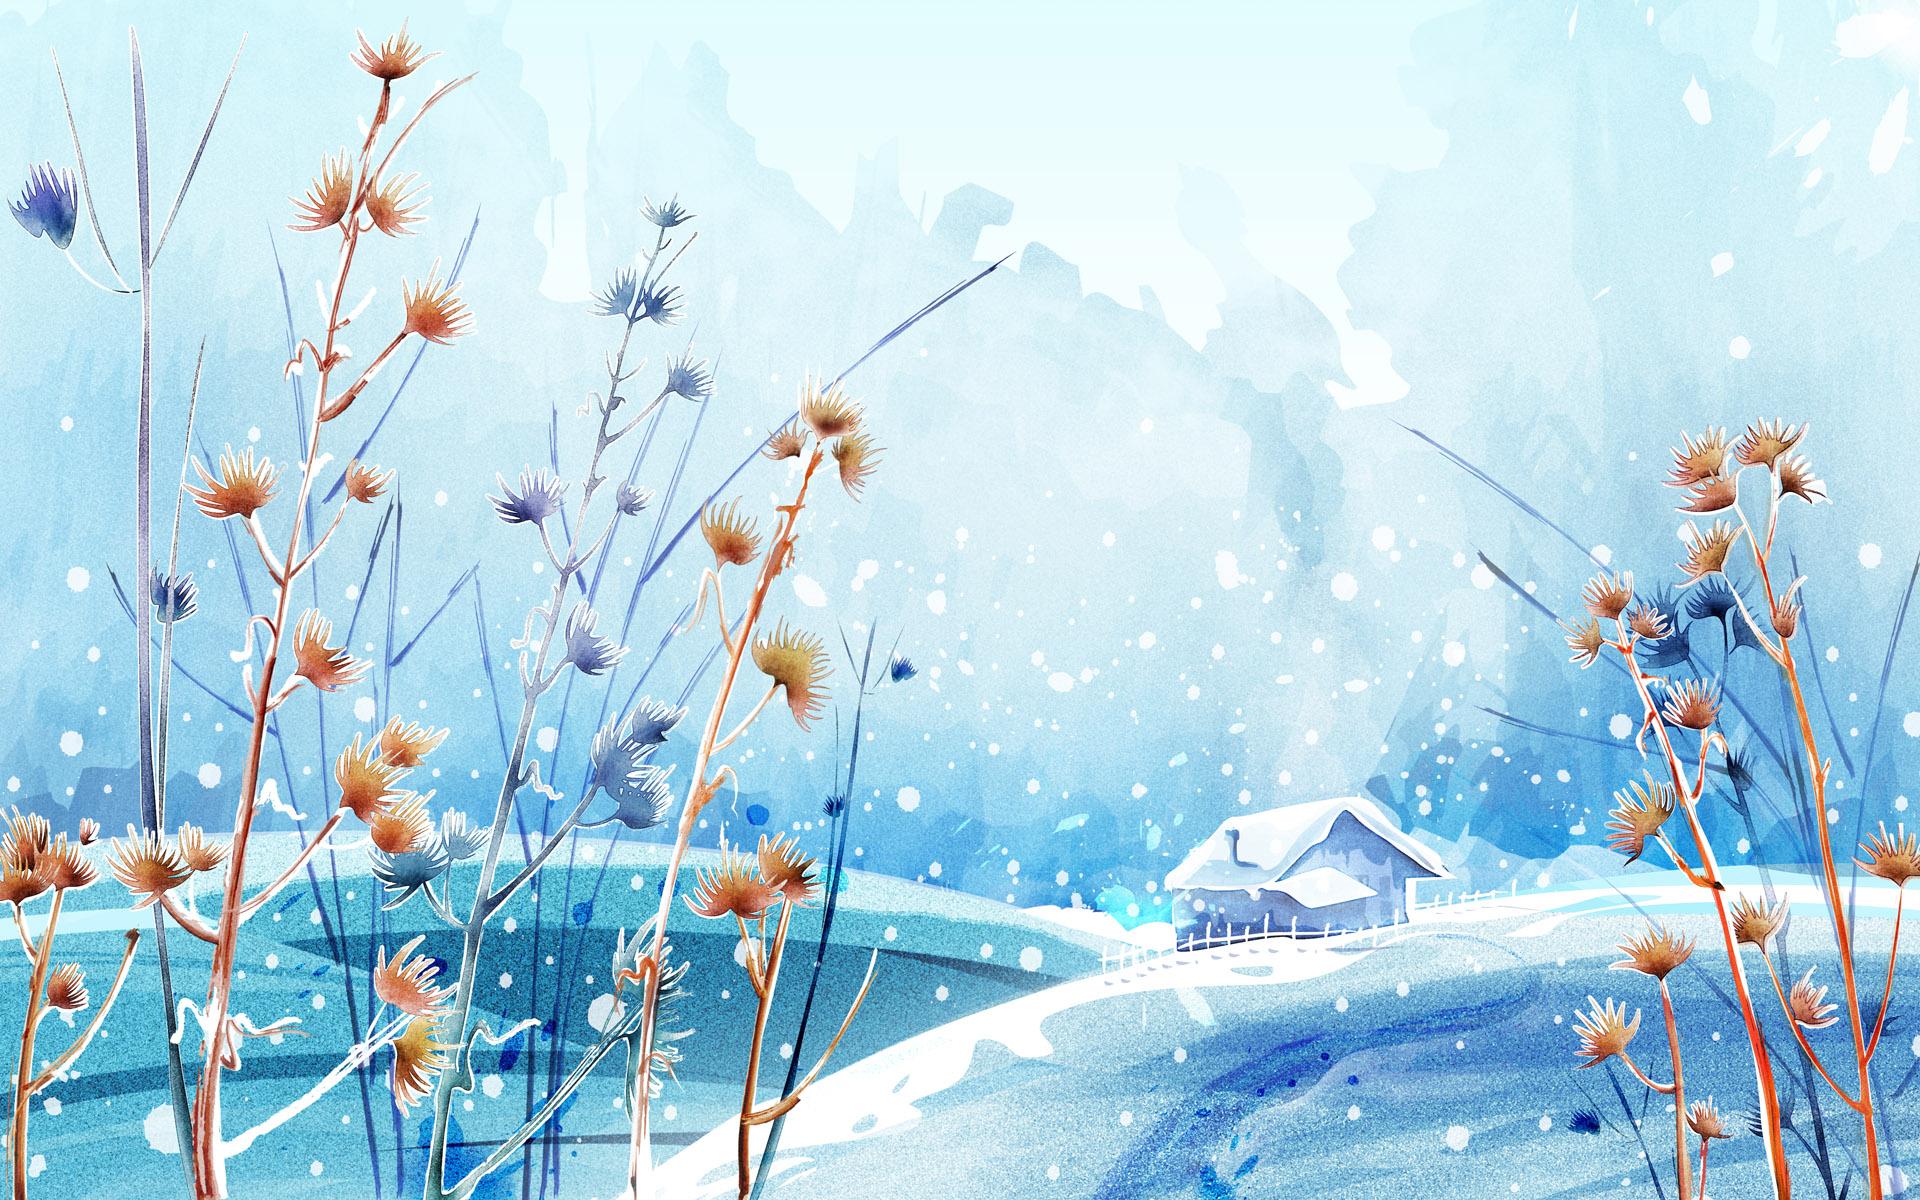 61 Beautiful Winter Desktop Wallpapers On Wallpapersafari